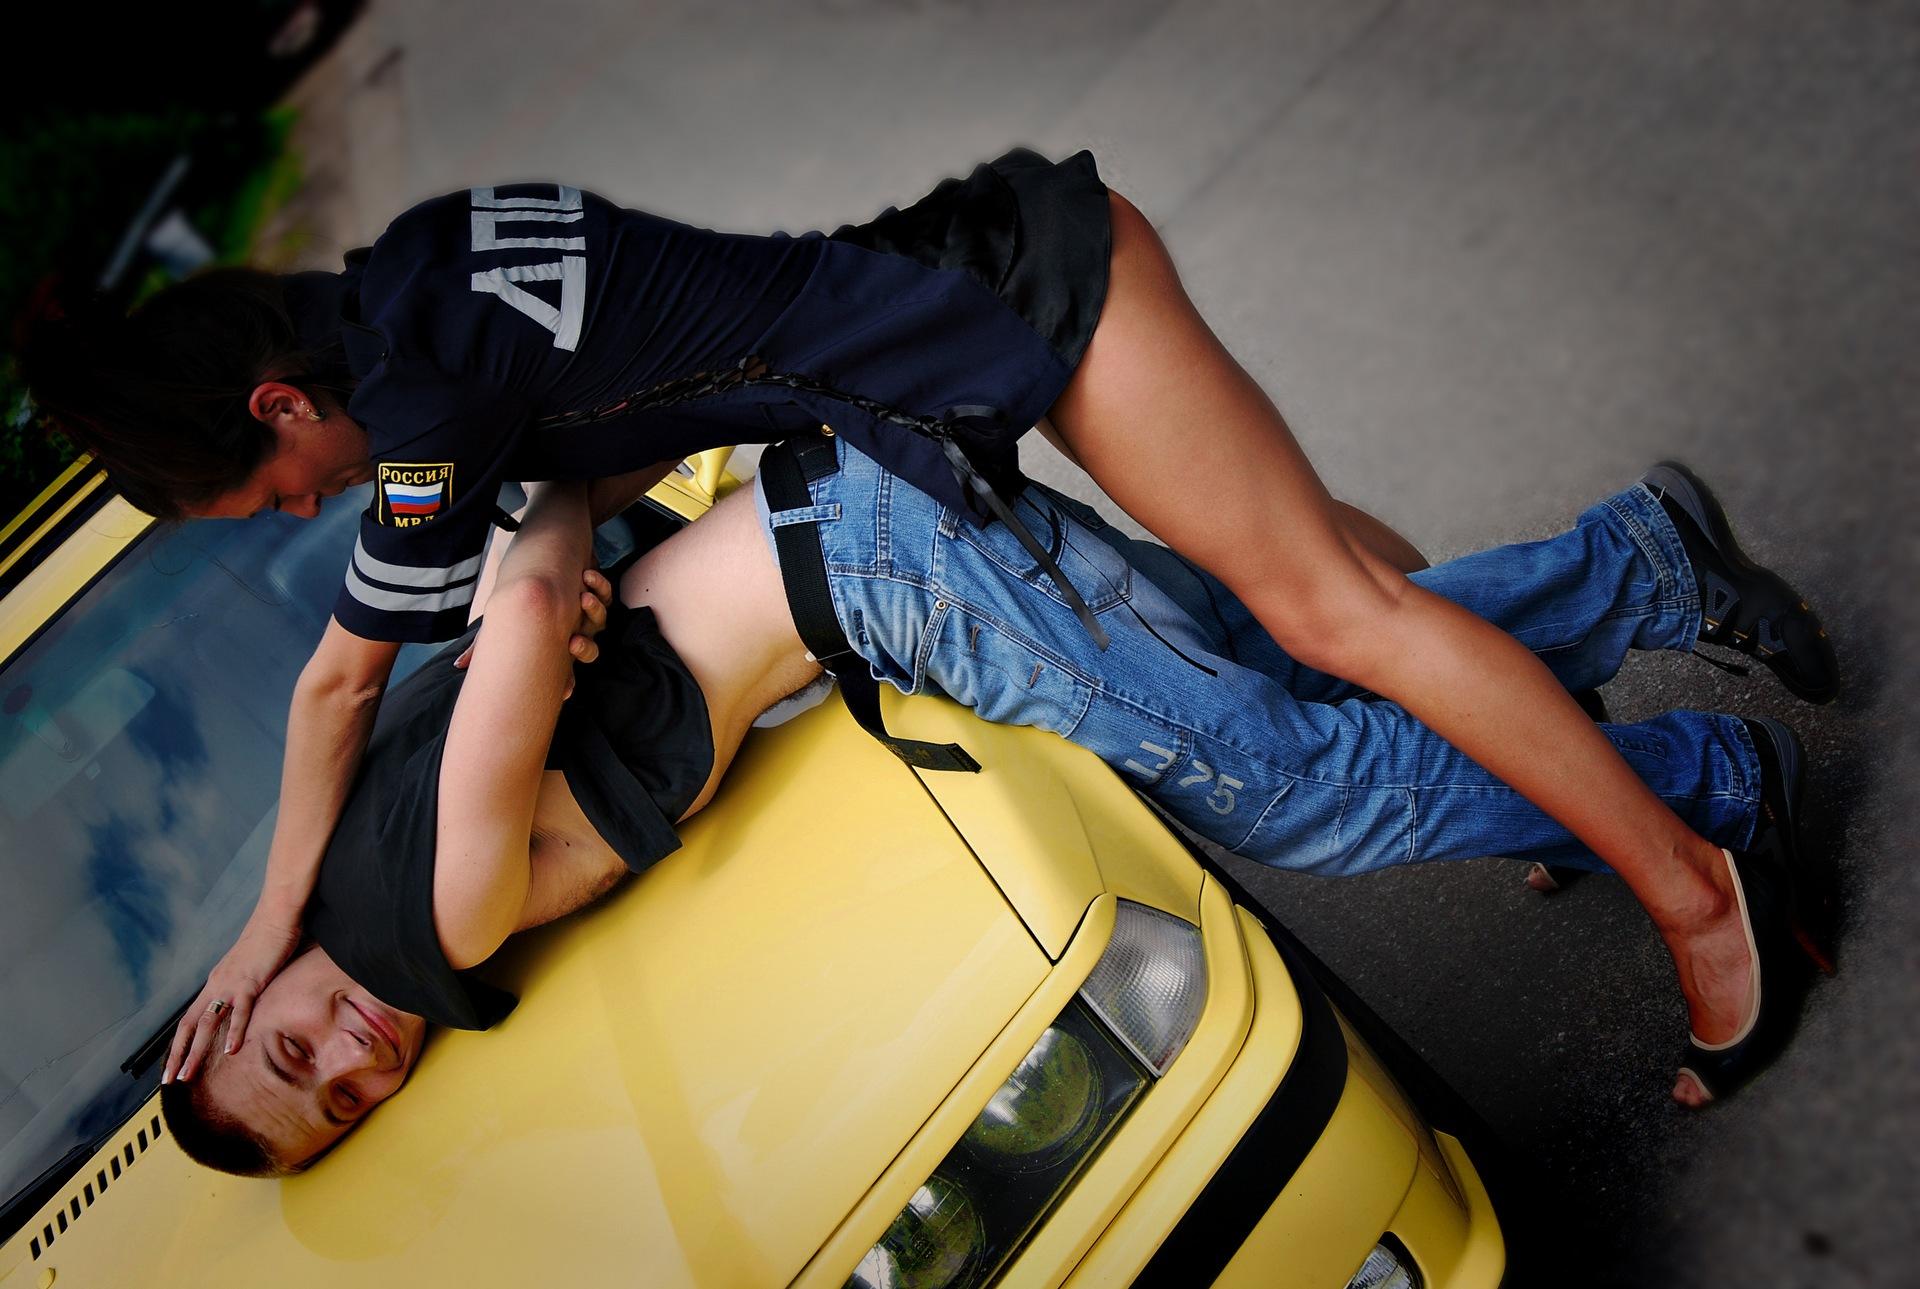 превышение гаишник девушку н6а скорости дороге за трахнул